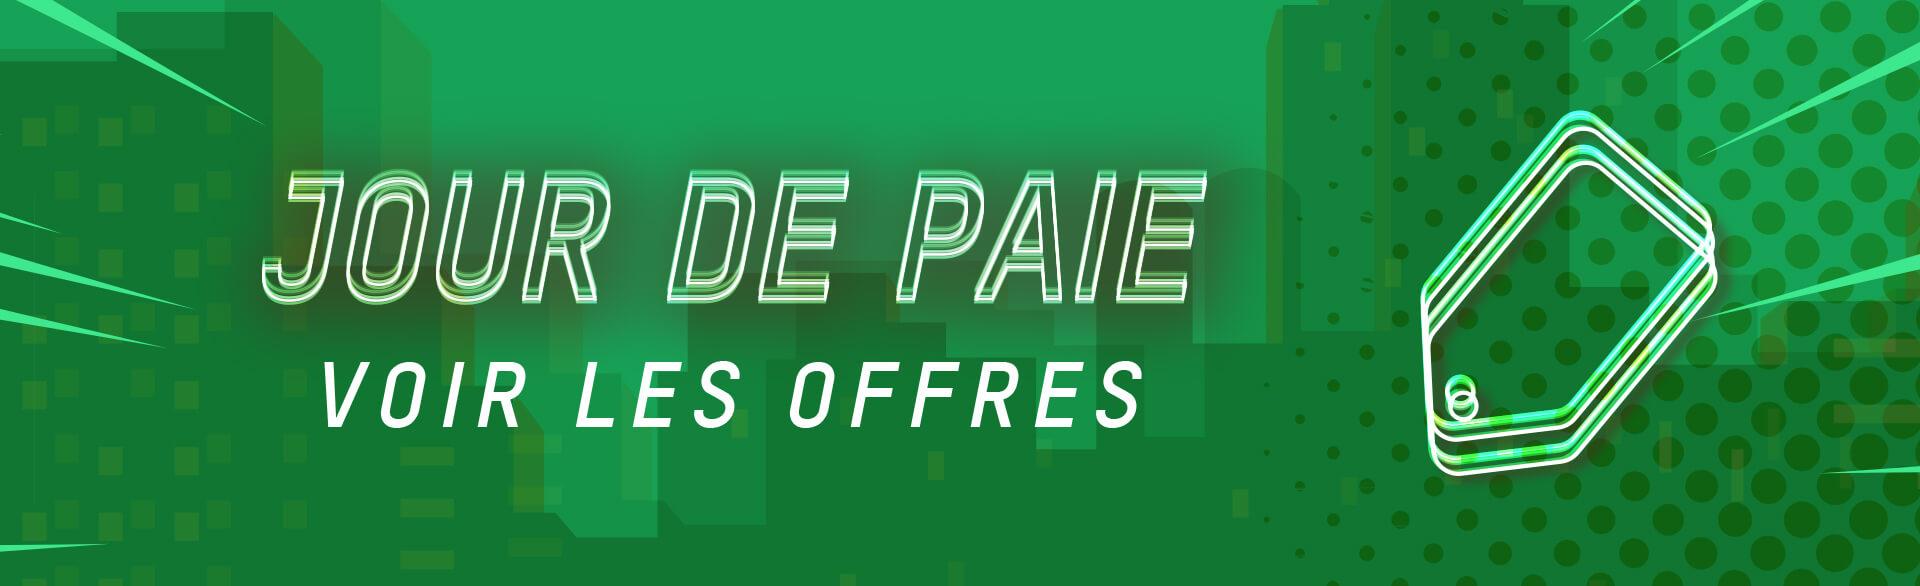 OFFRES JOUR DE PAIE